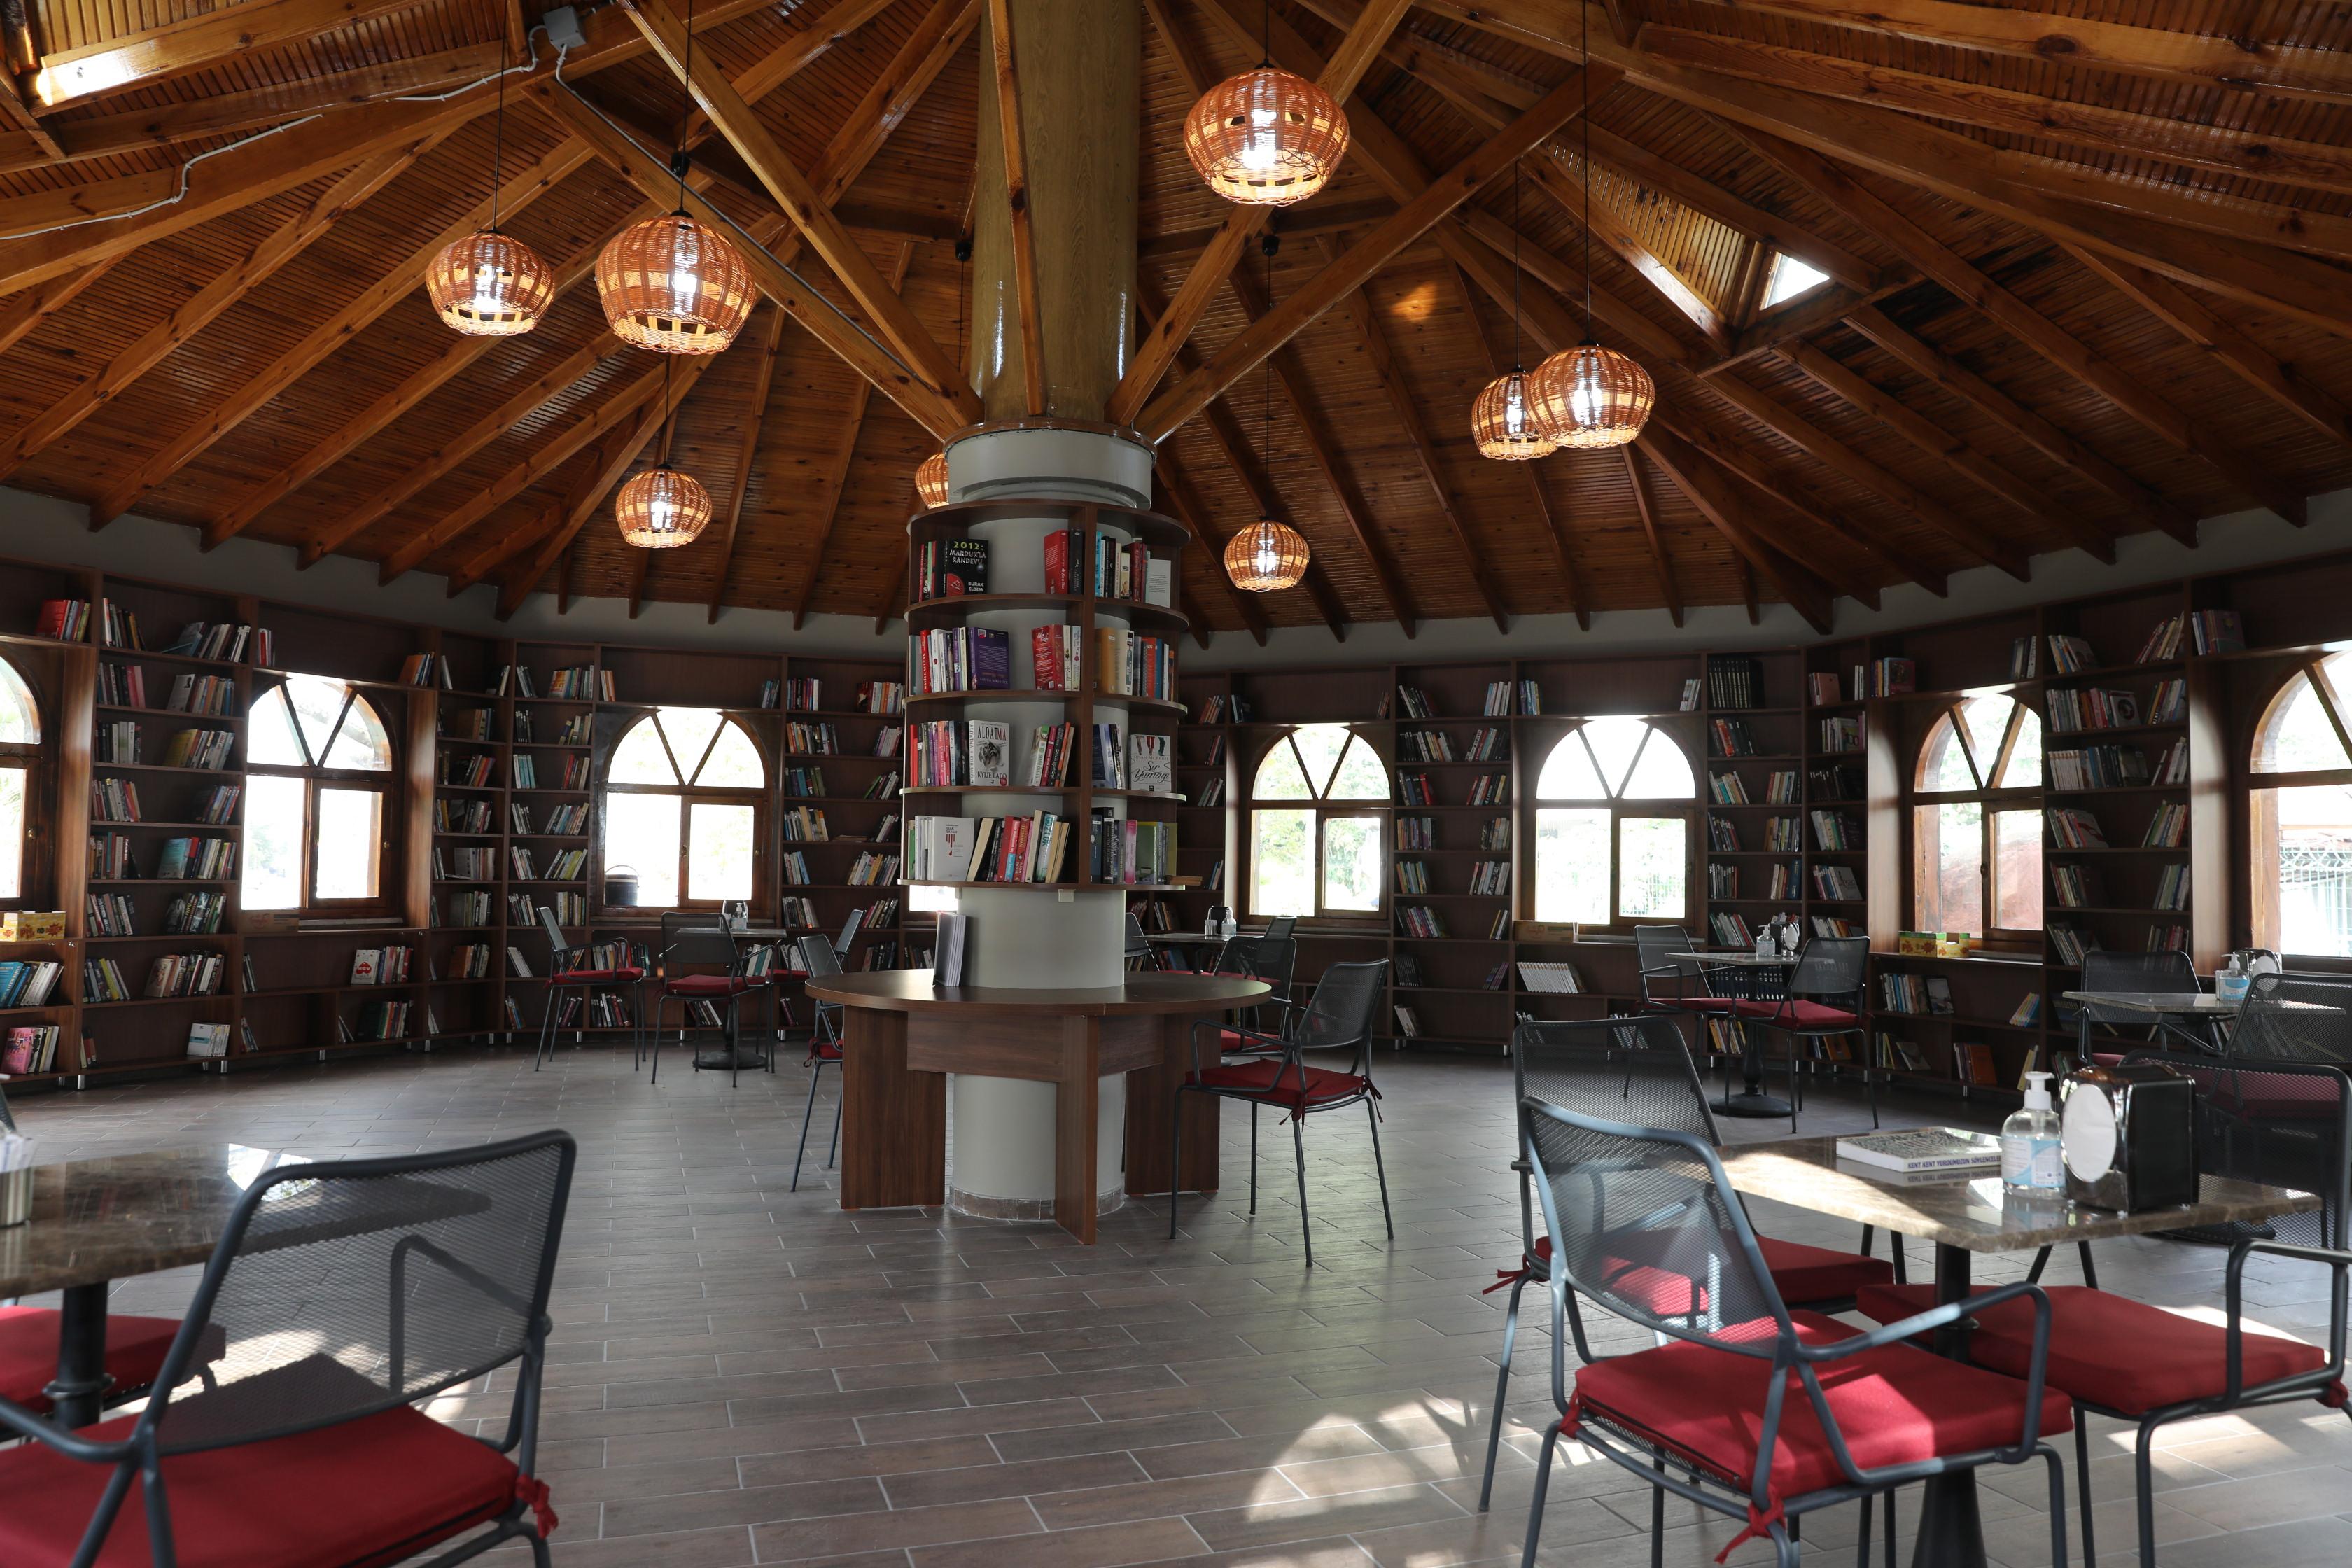 darica'da-kitap-kafe-hizmete-girdi-(3).jpg